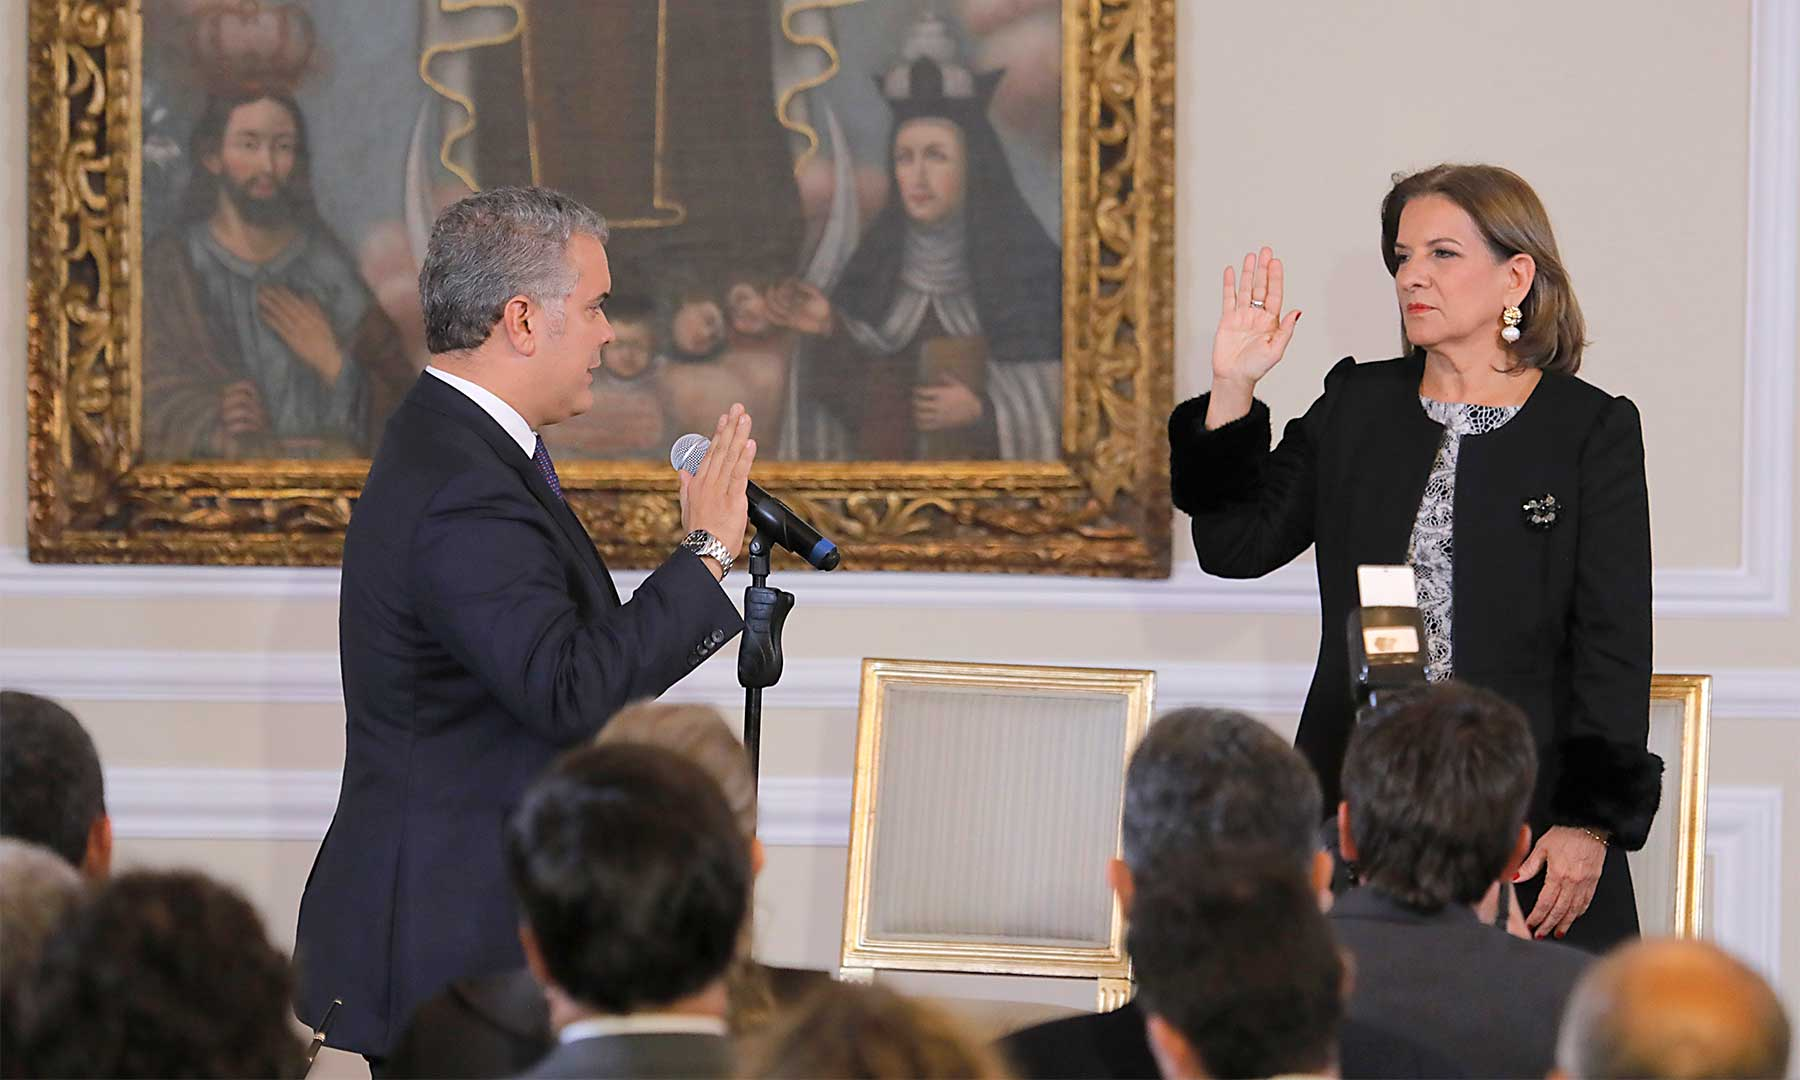 El Presidente de la República, Iván Duque Márquez,  toma juramento a la abogada Margarita Cabello Blanco, quien hoy asumió el Ministerio de Justicia y del Derecho.  CORTESÍA PRESIDENCIA DE COLOMBIA